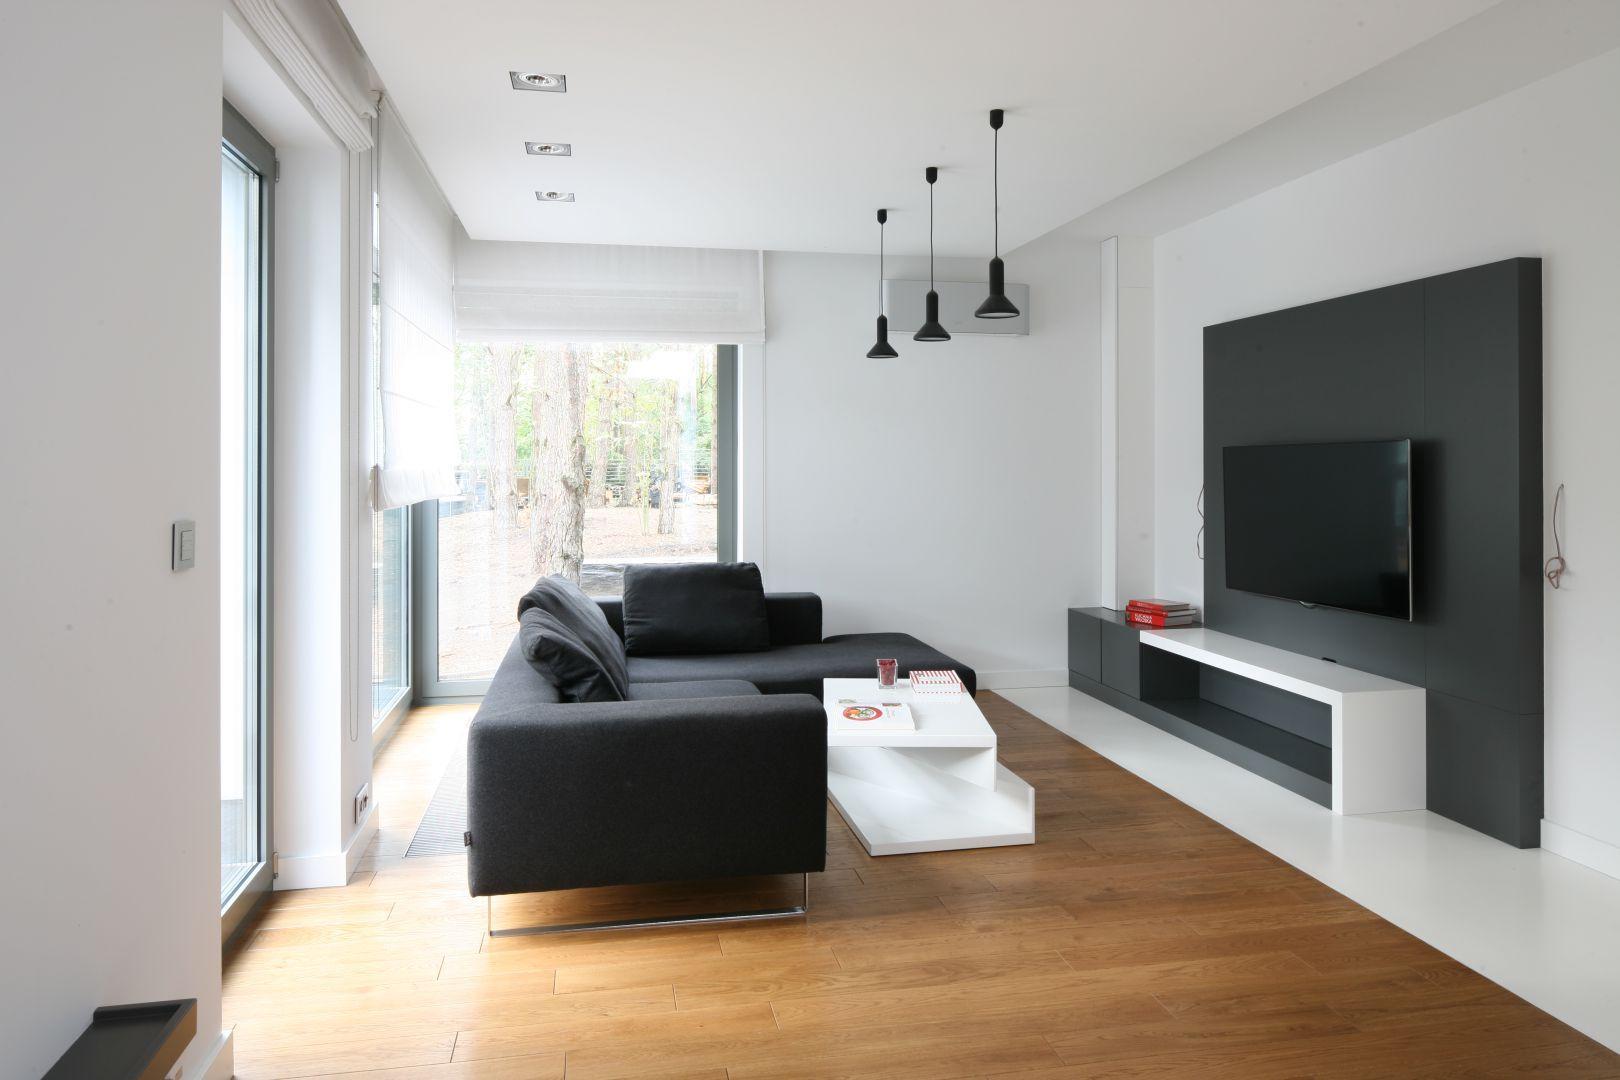 Czarna ściana za telewizorem i kanapa świetnie wyglądają w połączeniu z białym ścianami i drewnianą podłogą. Projekt: Katarzyna Kiełek, Agnieszka Komorowska-Różycka. Fot. Bartosz Jarosz